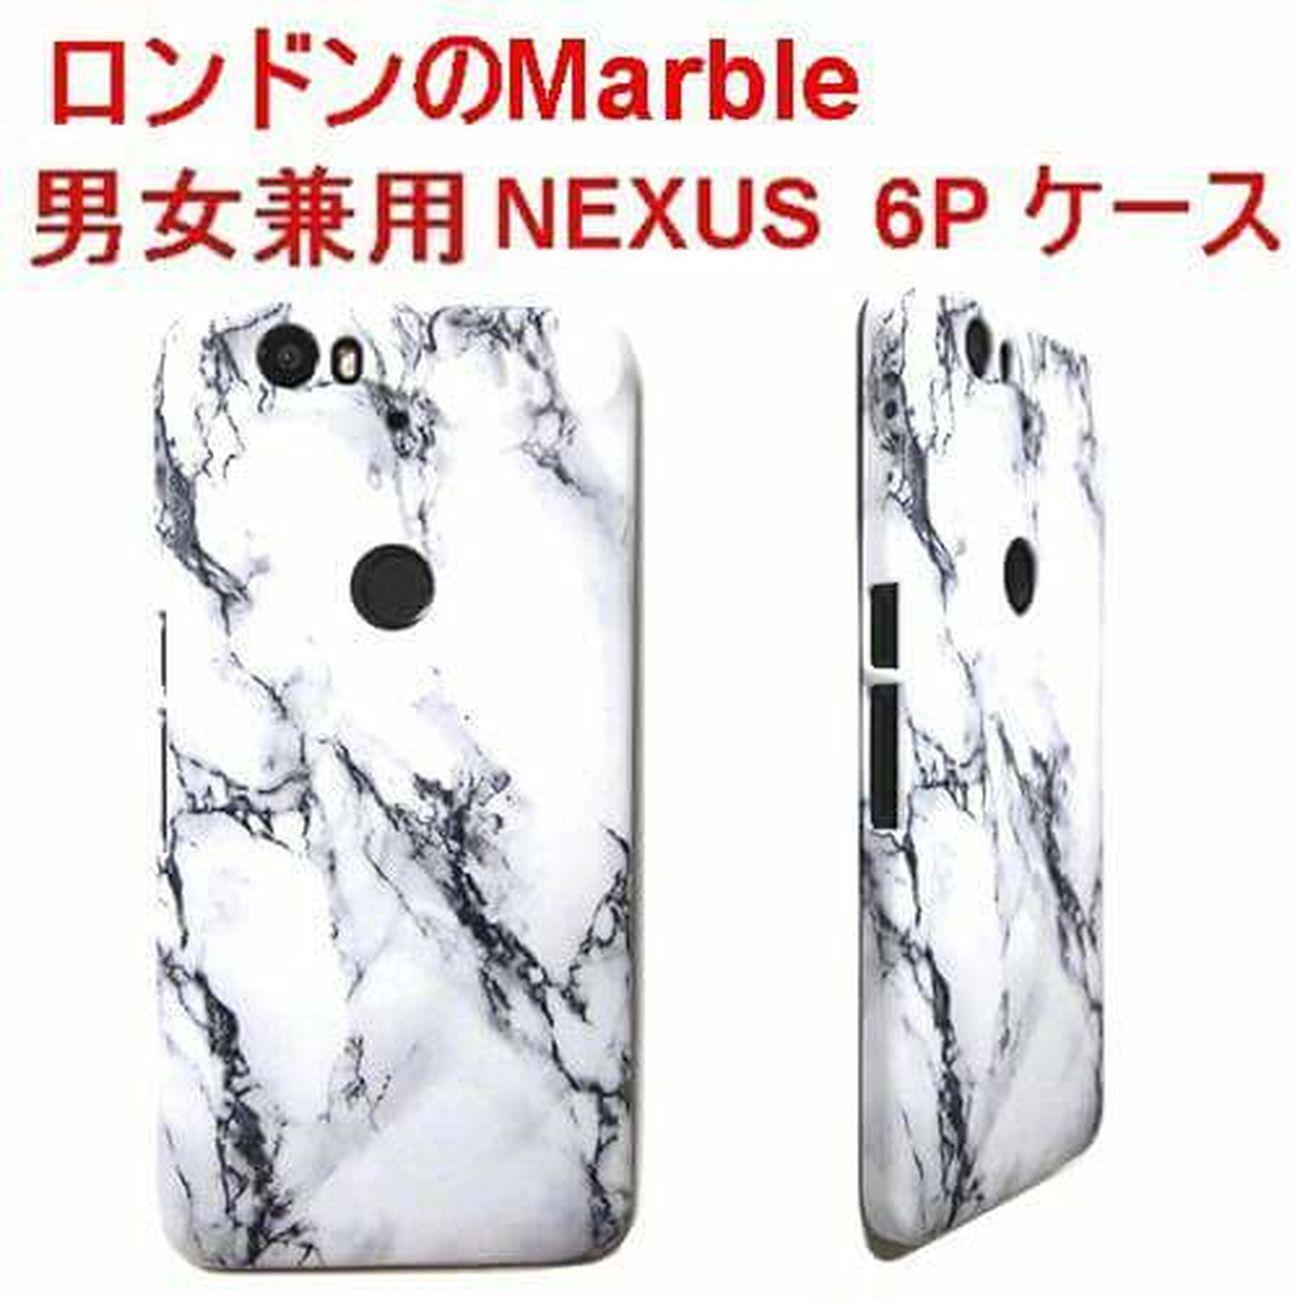 セレクトショップレトワールボーテ ファッション ありがとう 感謝 大理石 Nexus6P Google